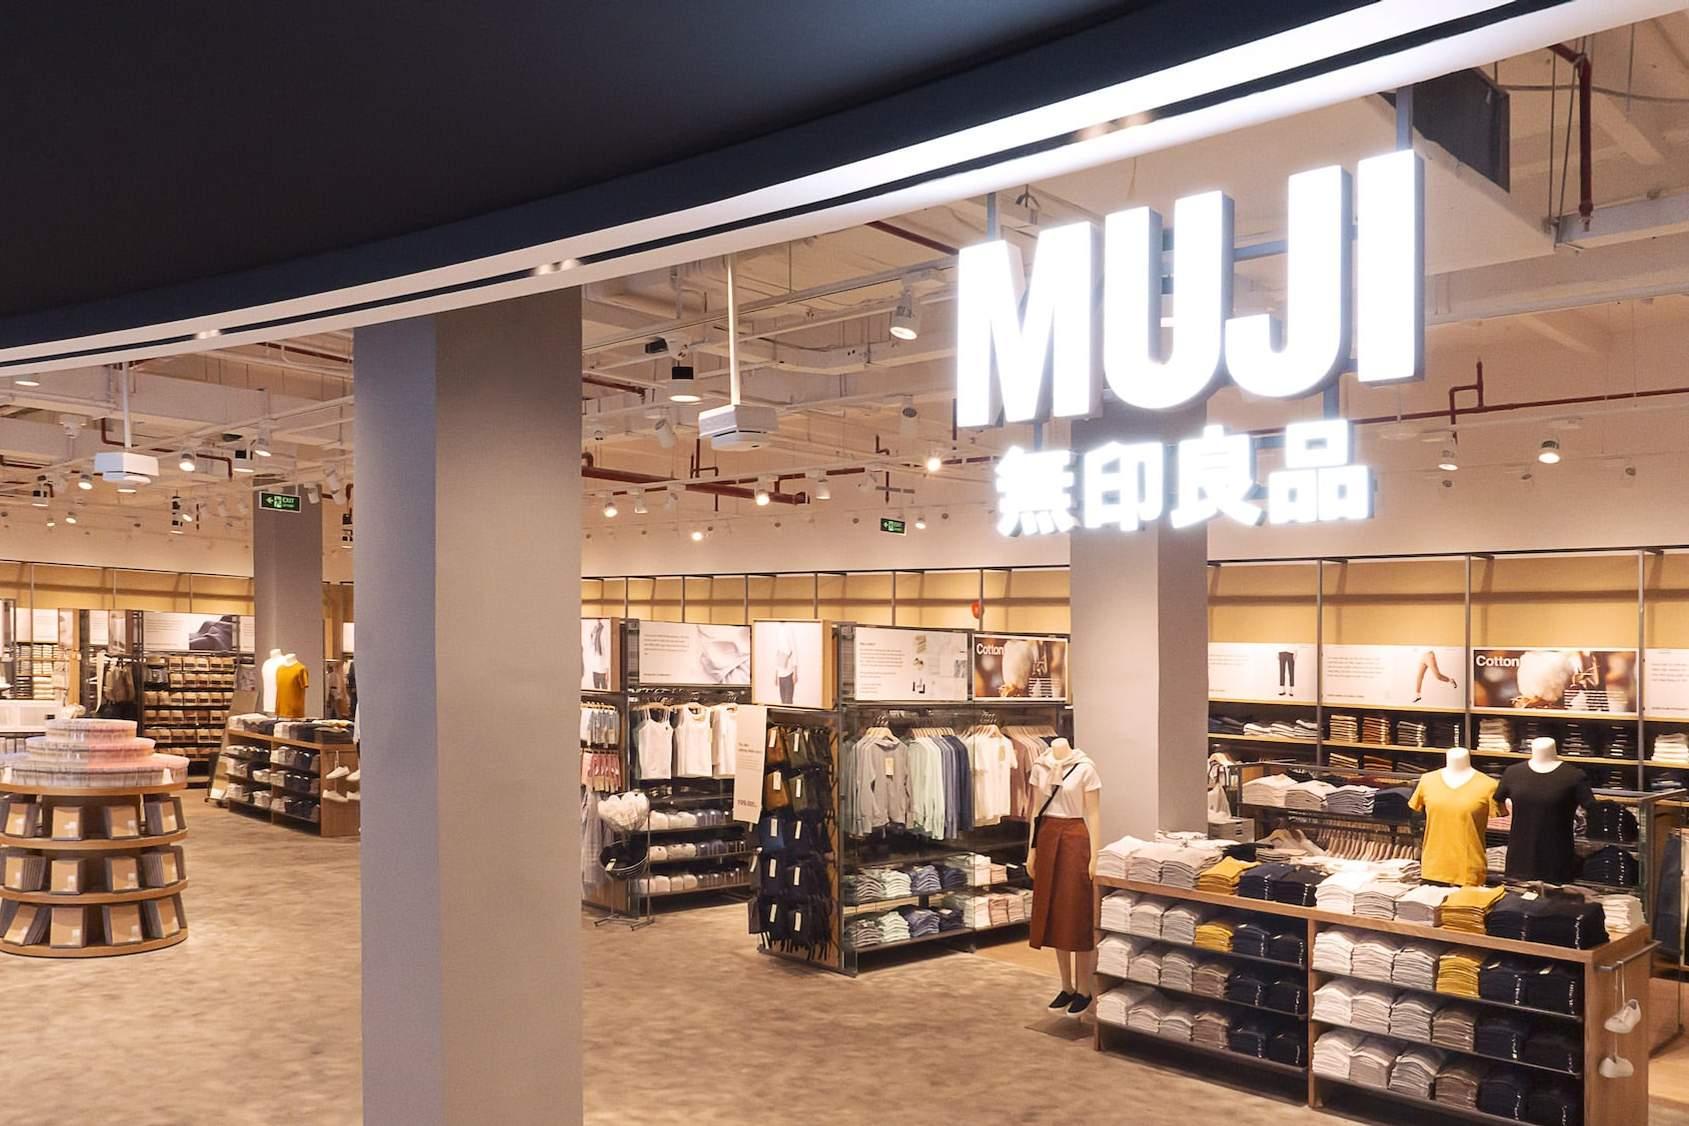 MUJI sẽ ra mắt Cửa Hàng Trải Nghiệm – POP UP Store tại Thành phố Hồ Chí Minh vào tháng 7/2020